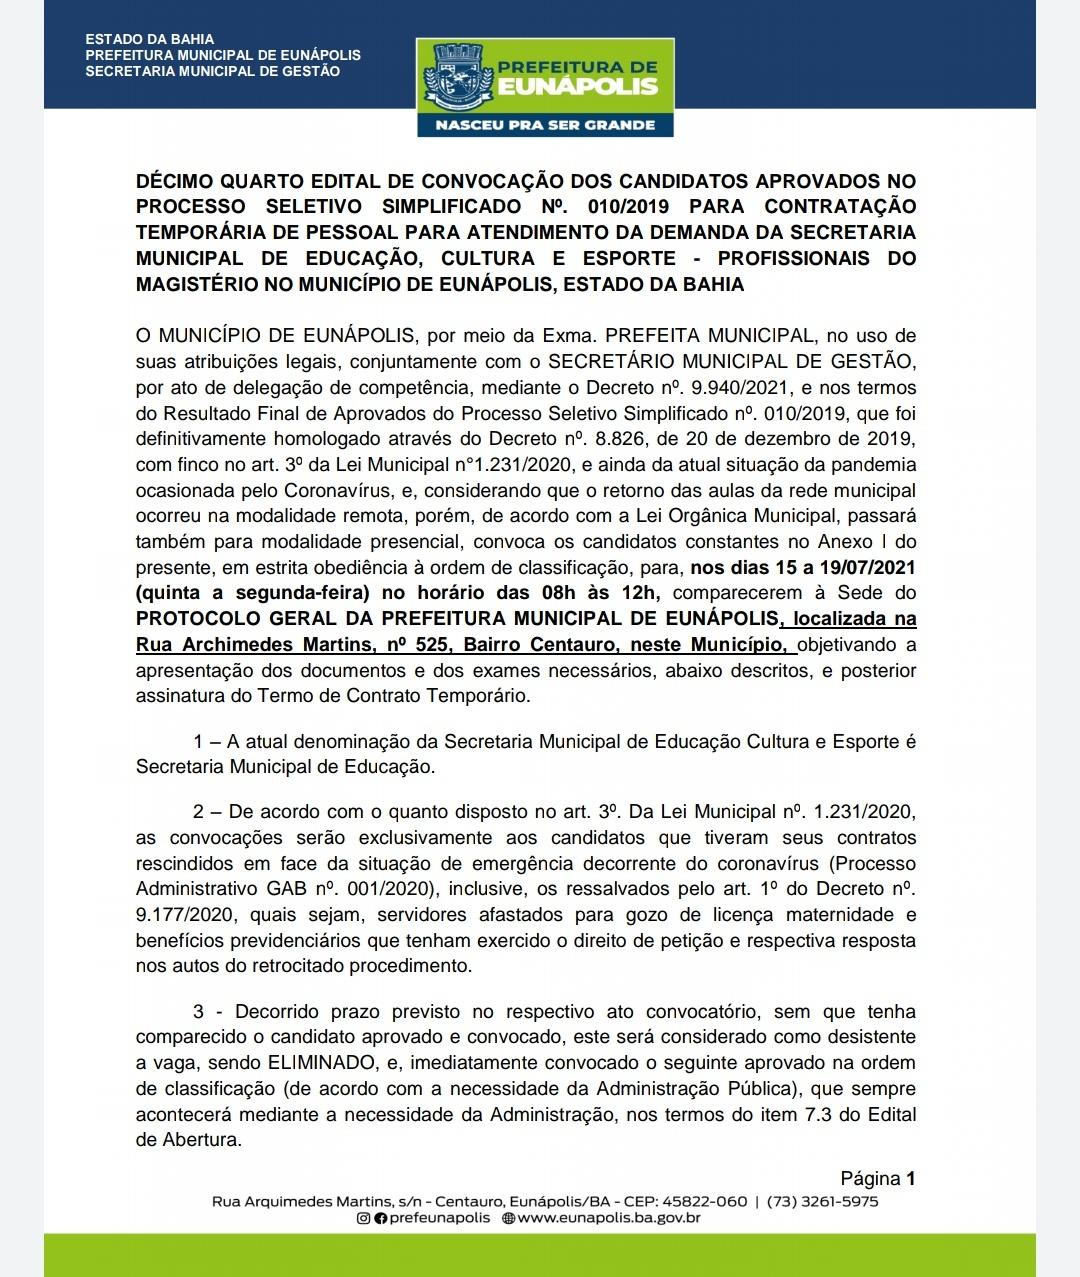 Prefeitura de Eunápolis convoca aprovados em processos seletivos 24